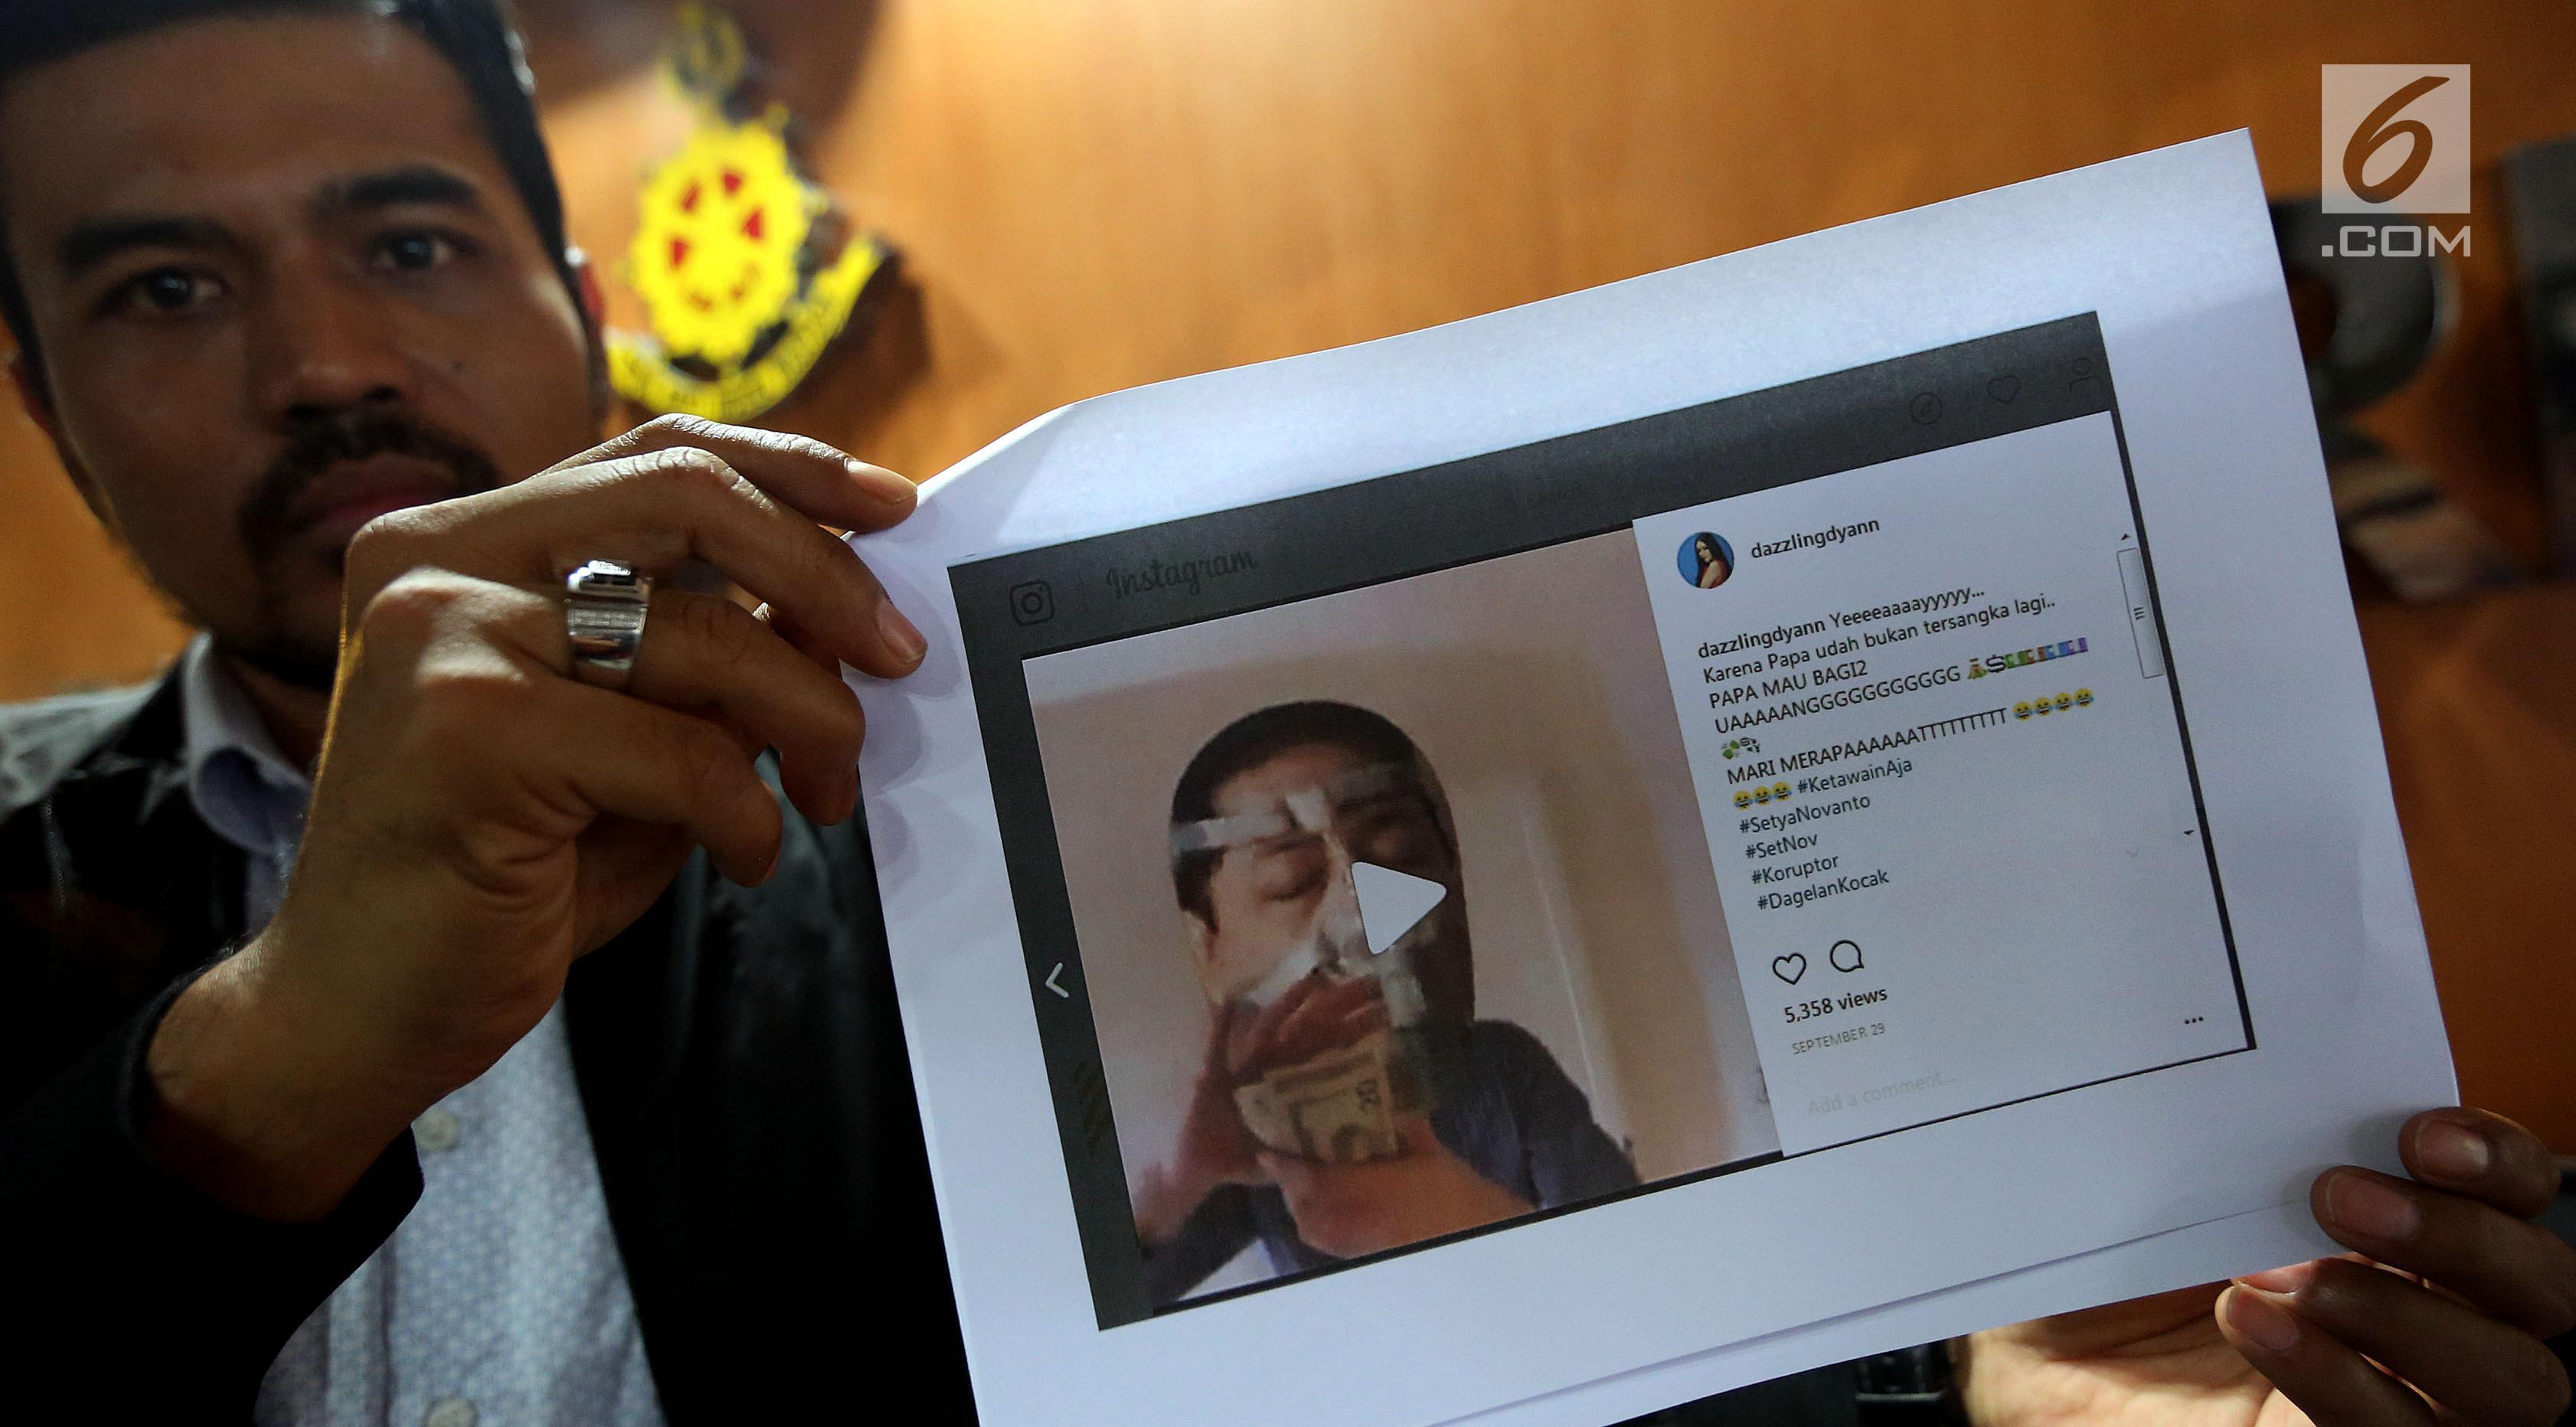 Tim kuasa hukum Ketua DPR Setya Novanto menunjukkan sejumlah meme yang beredar di internet di Direktorat Pidana Cyber Bareskrim Polri, Jakarta, Rabu (1/11). Laporan tersebut berisi tuduhan fitnah dan pencemaran nama baik. (Liputan6.com/JohanTallo)